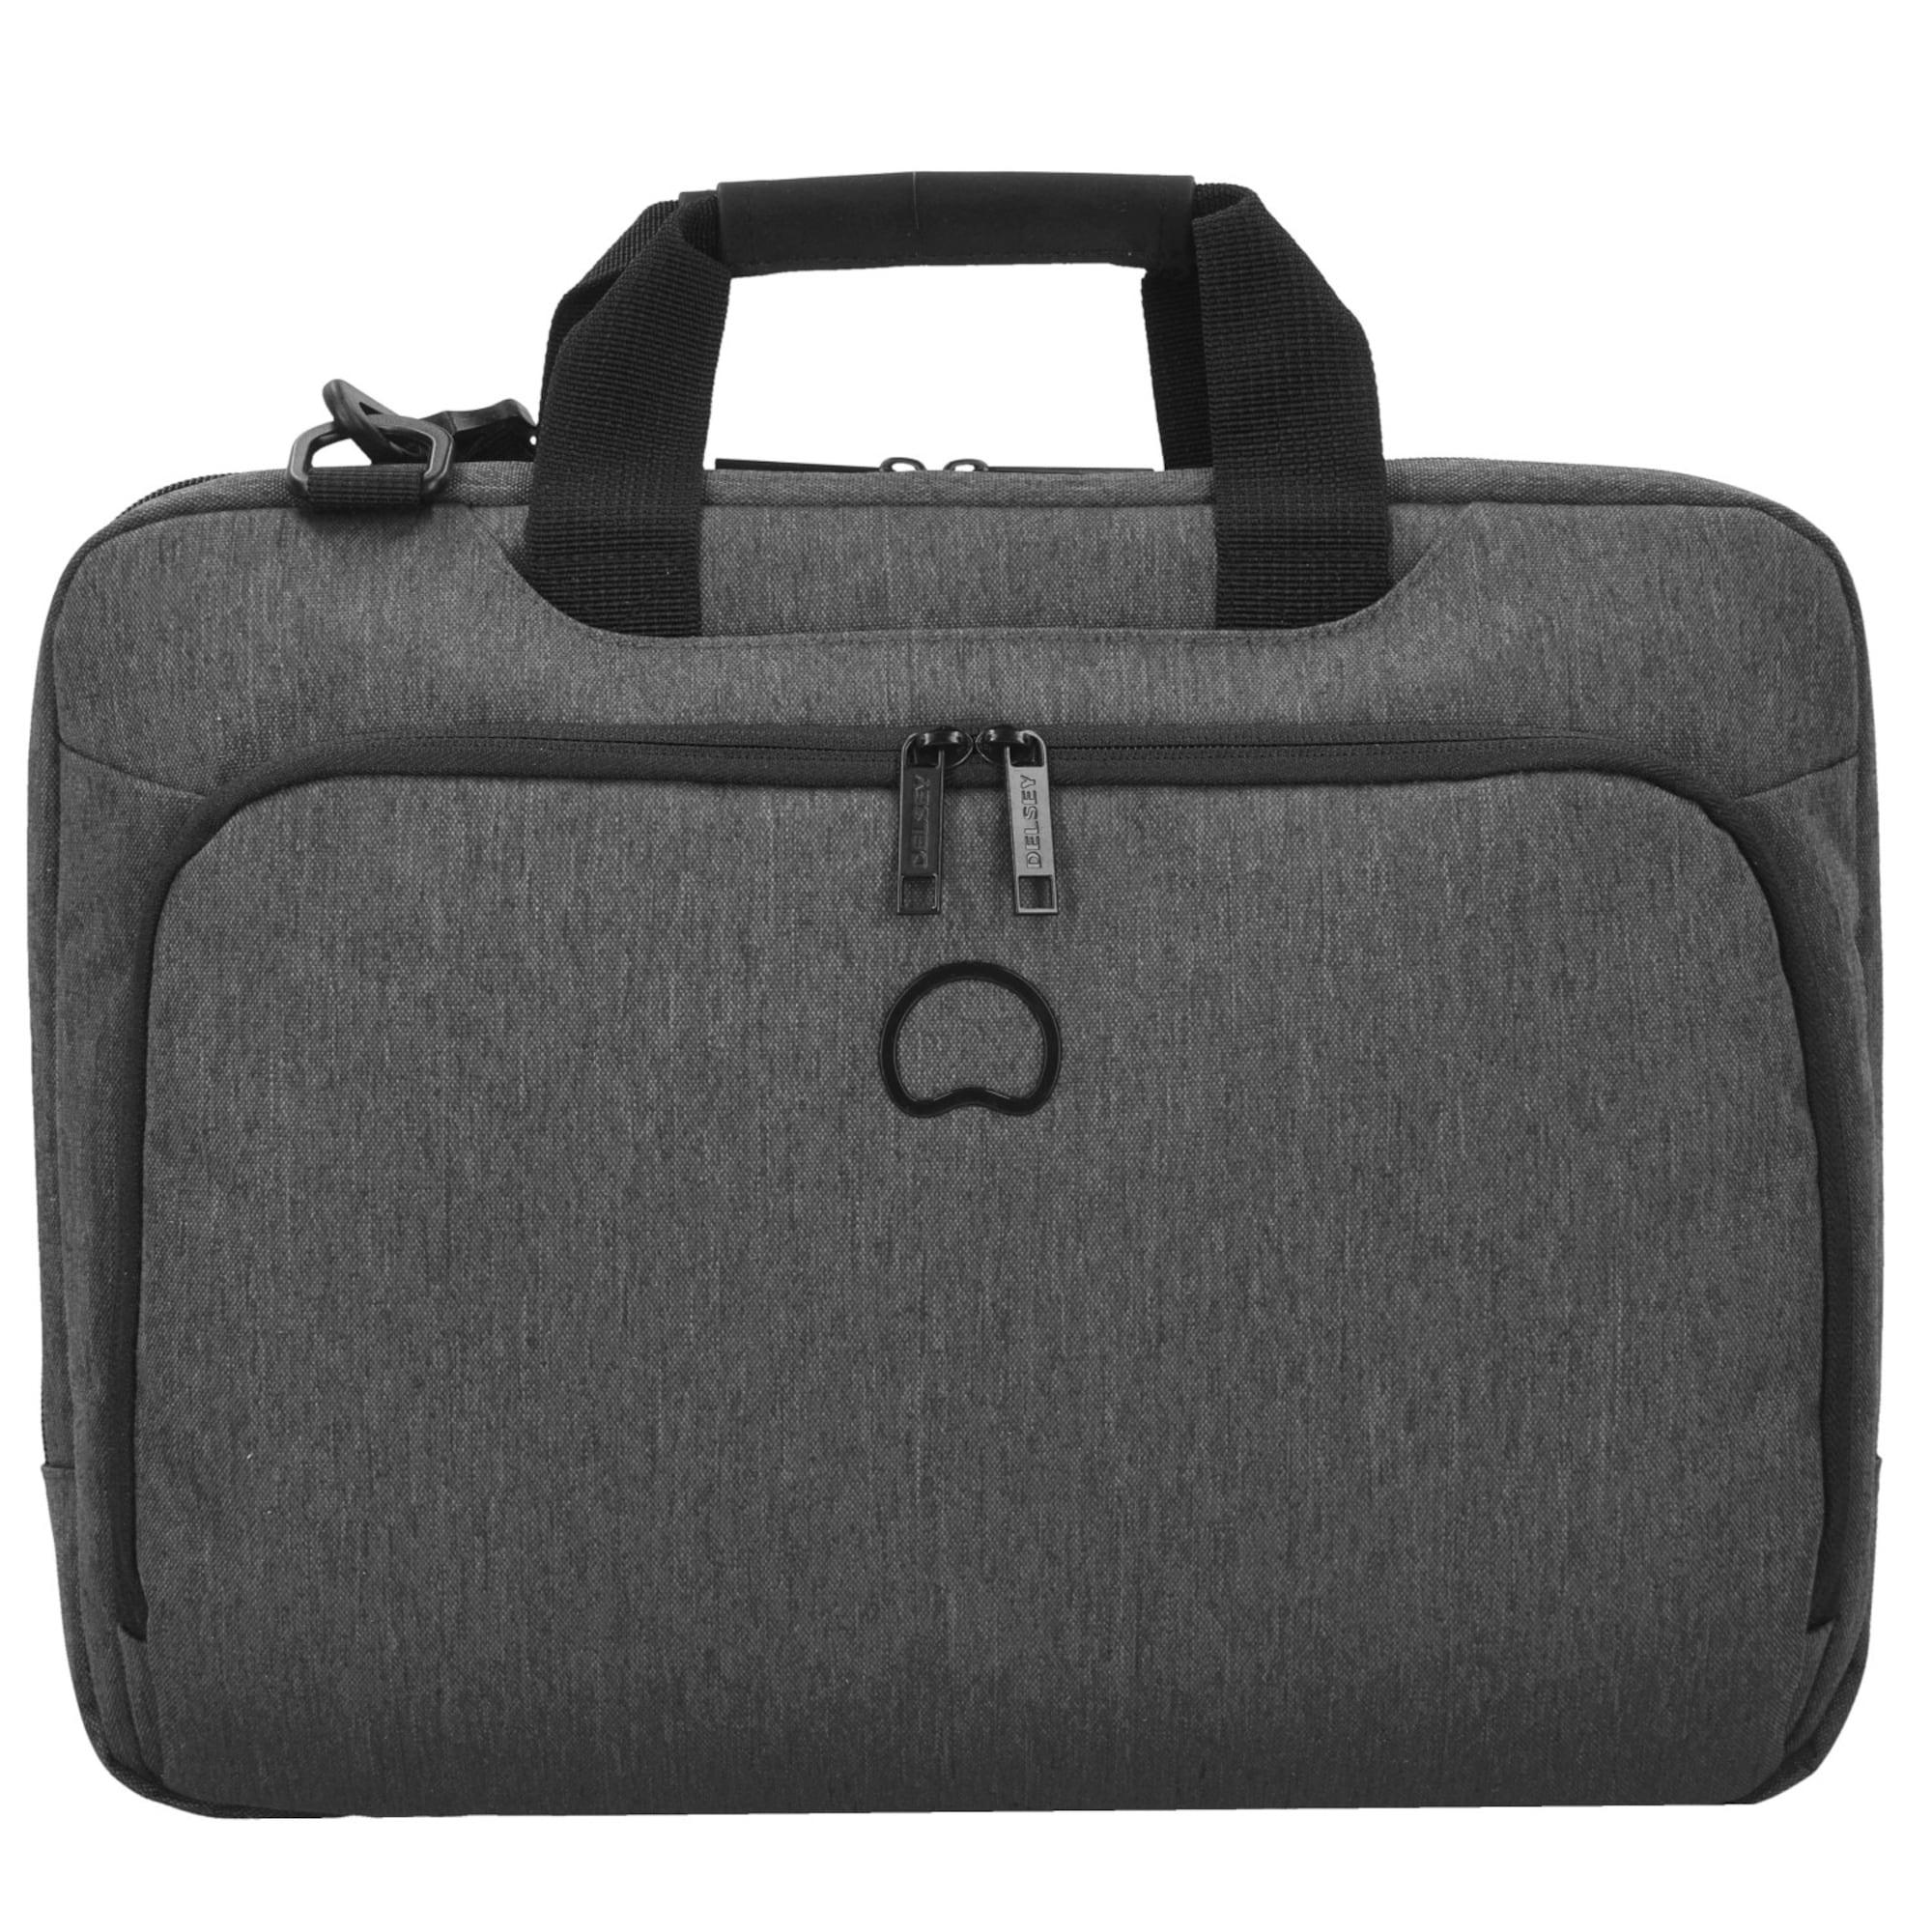 Laptoptasche | Taschen > Business Taschen > Laptoptaschen | Delsey